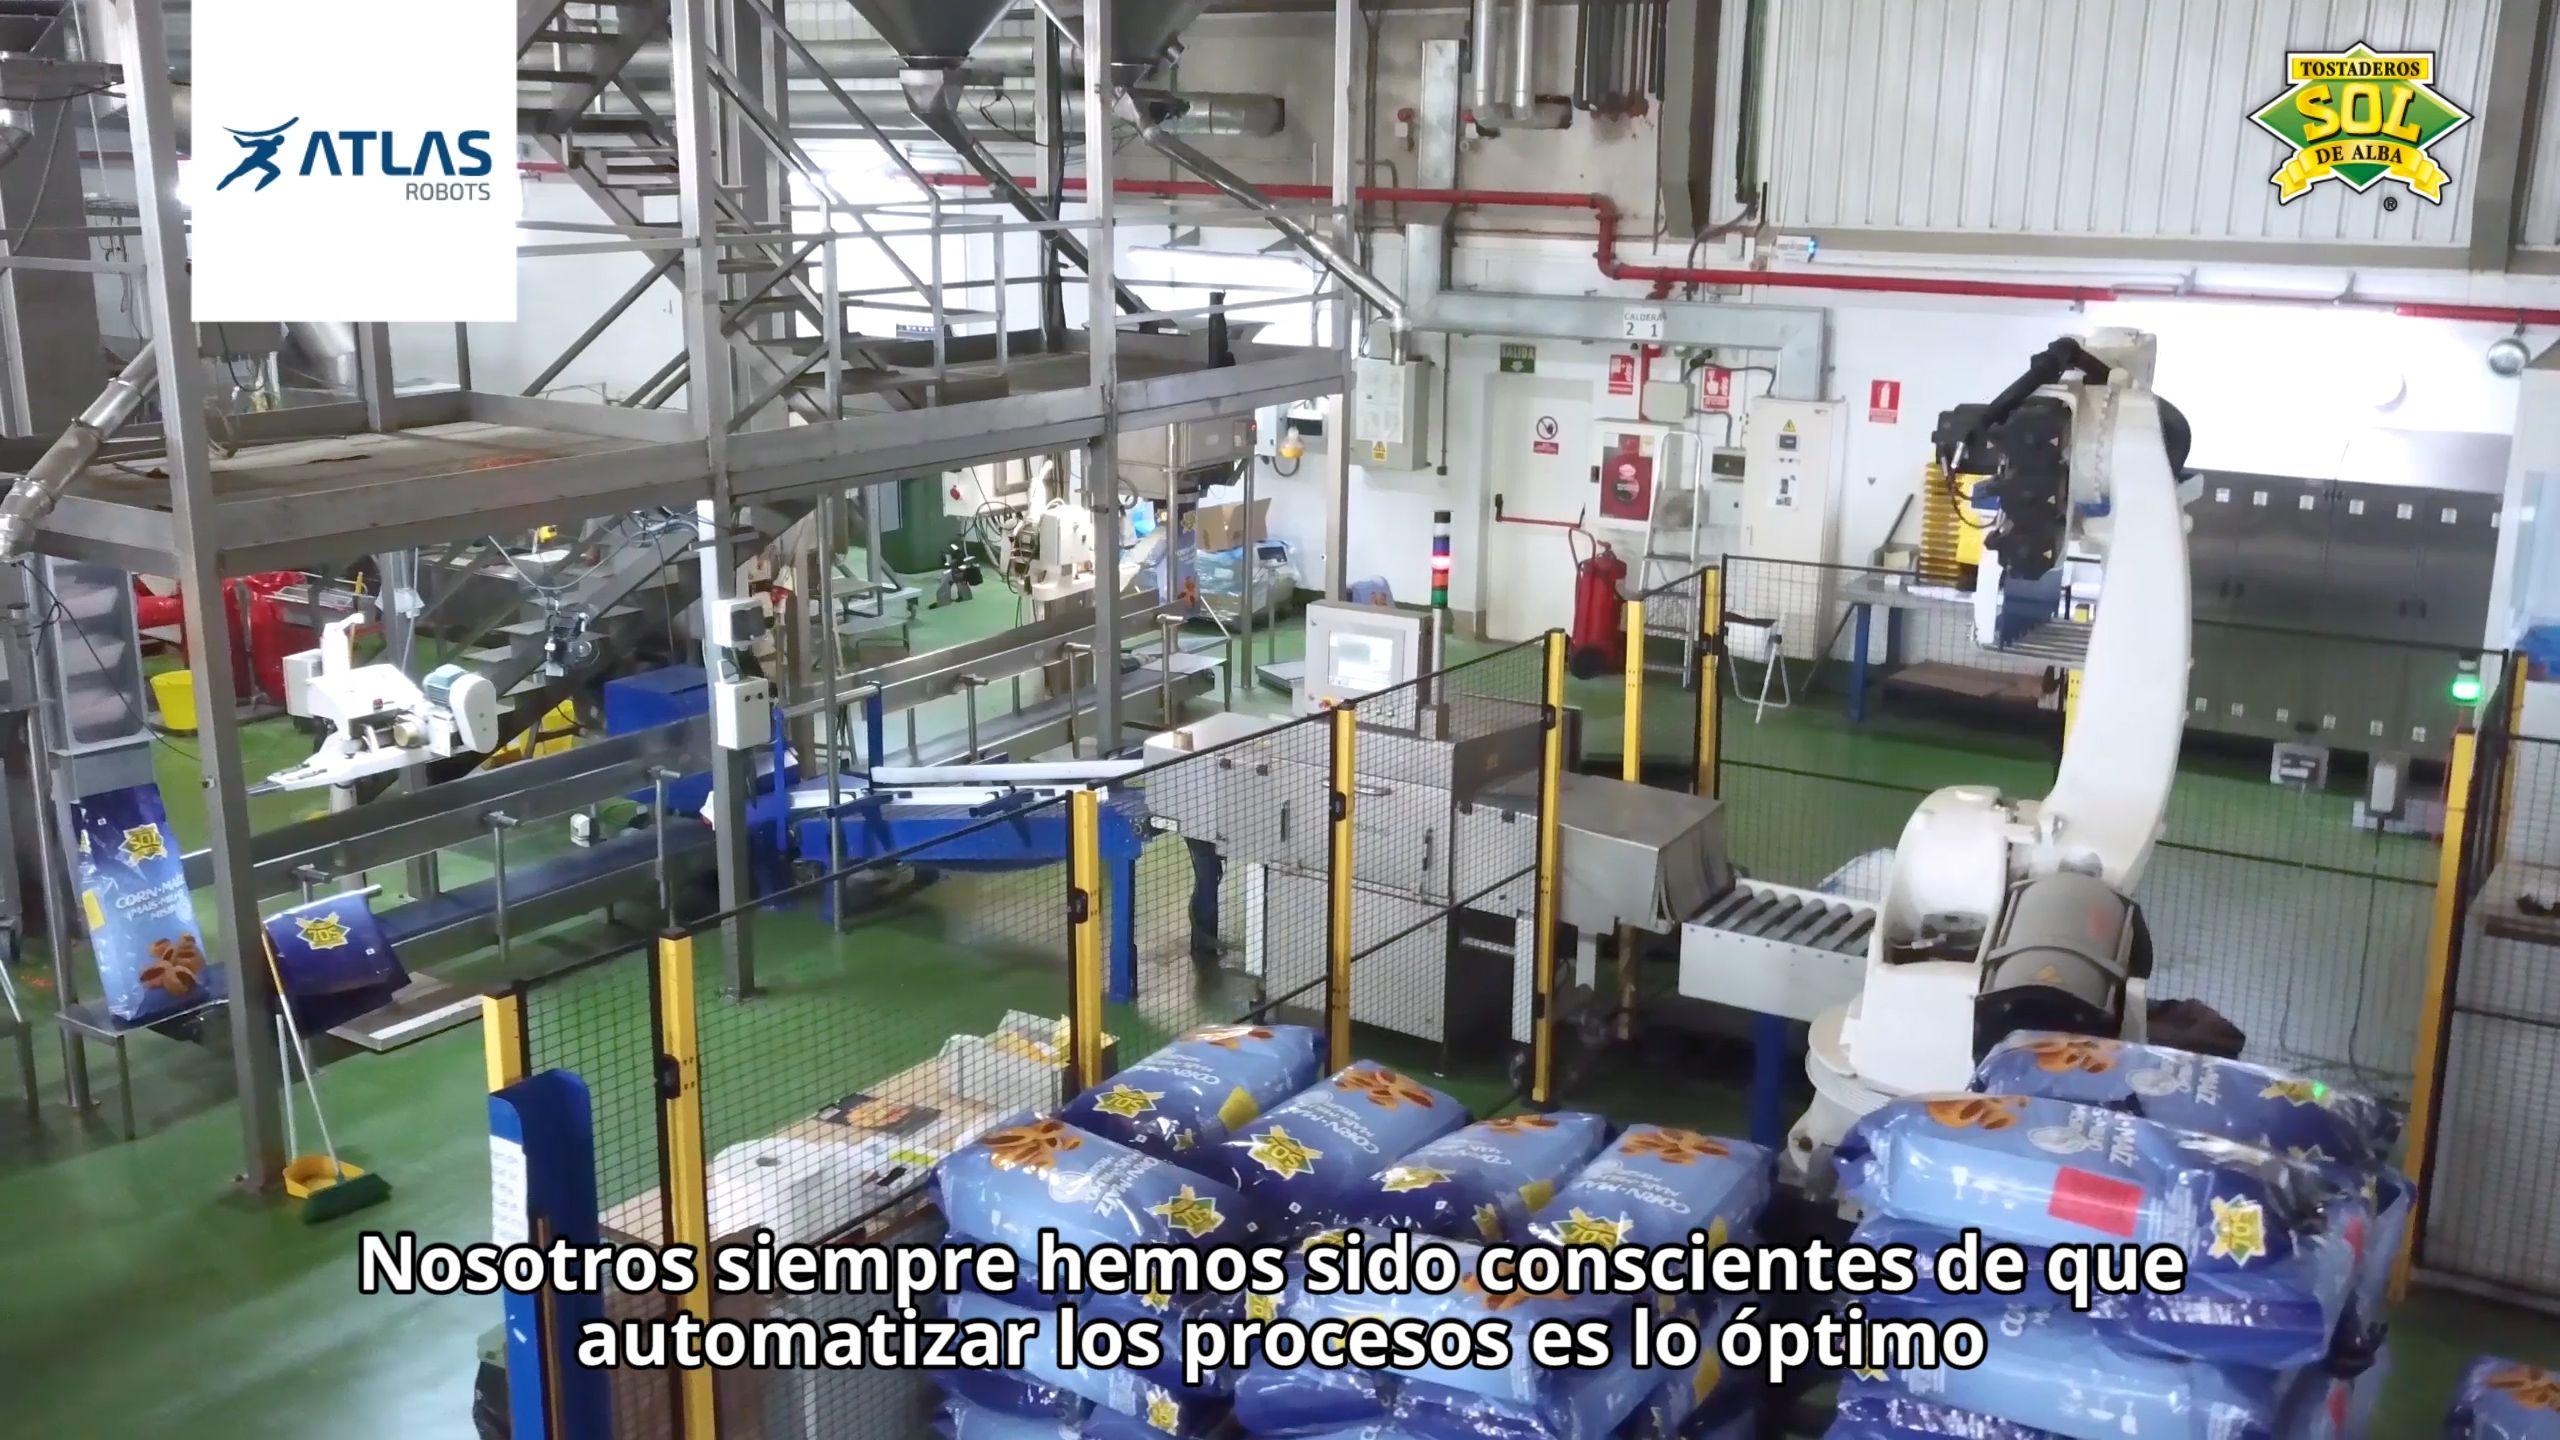 Robot Paletizador de sacos y cajas – Sol de Alba